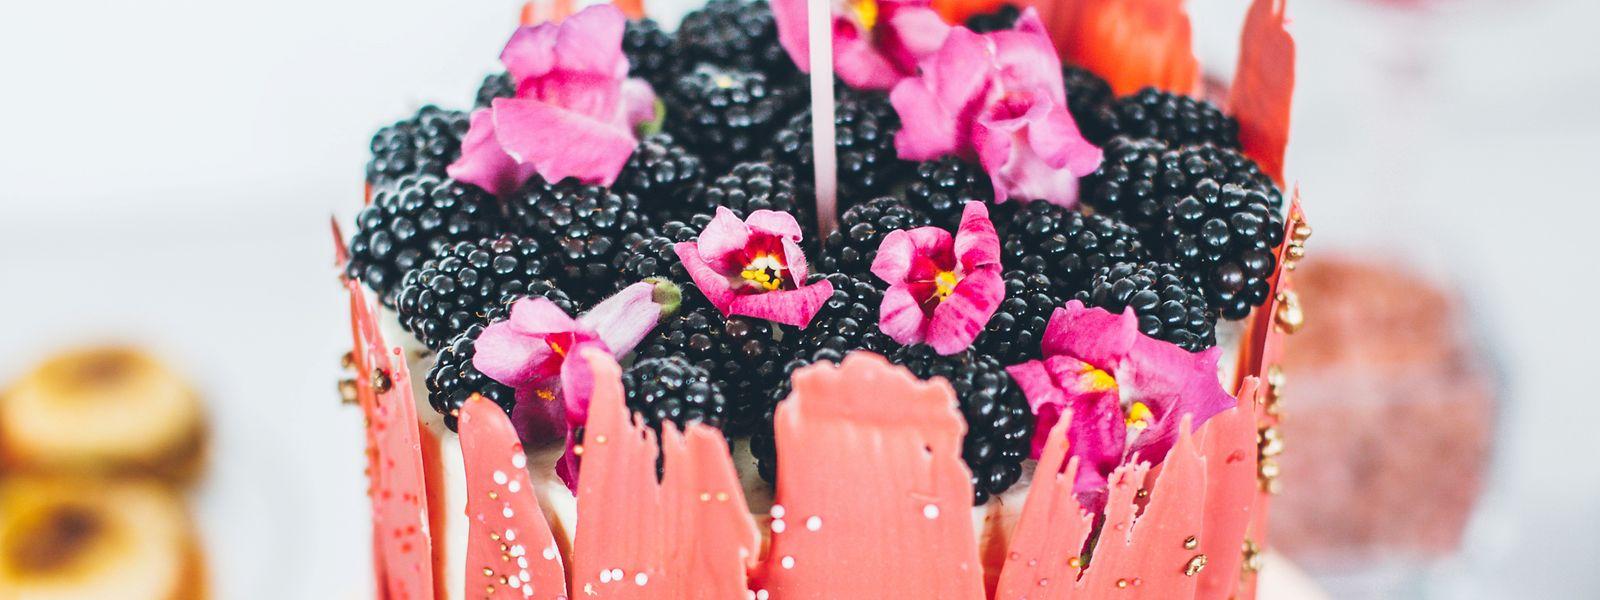 Klein, fein und einstöckig: Diese Torte ist in warmen Tönen gehalten und mit essbaren Blüten verziert.